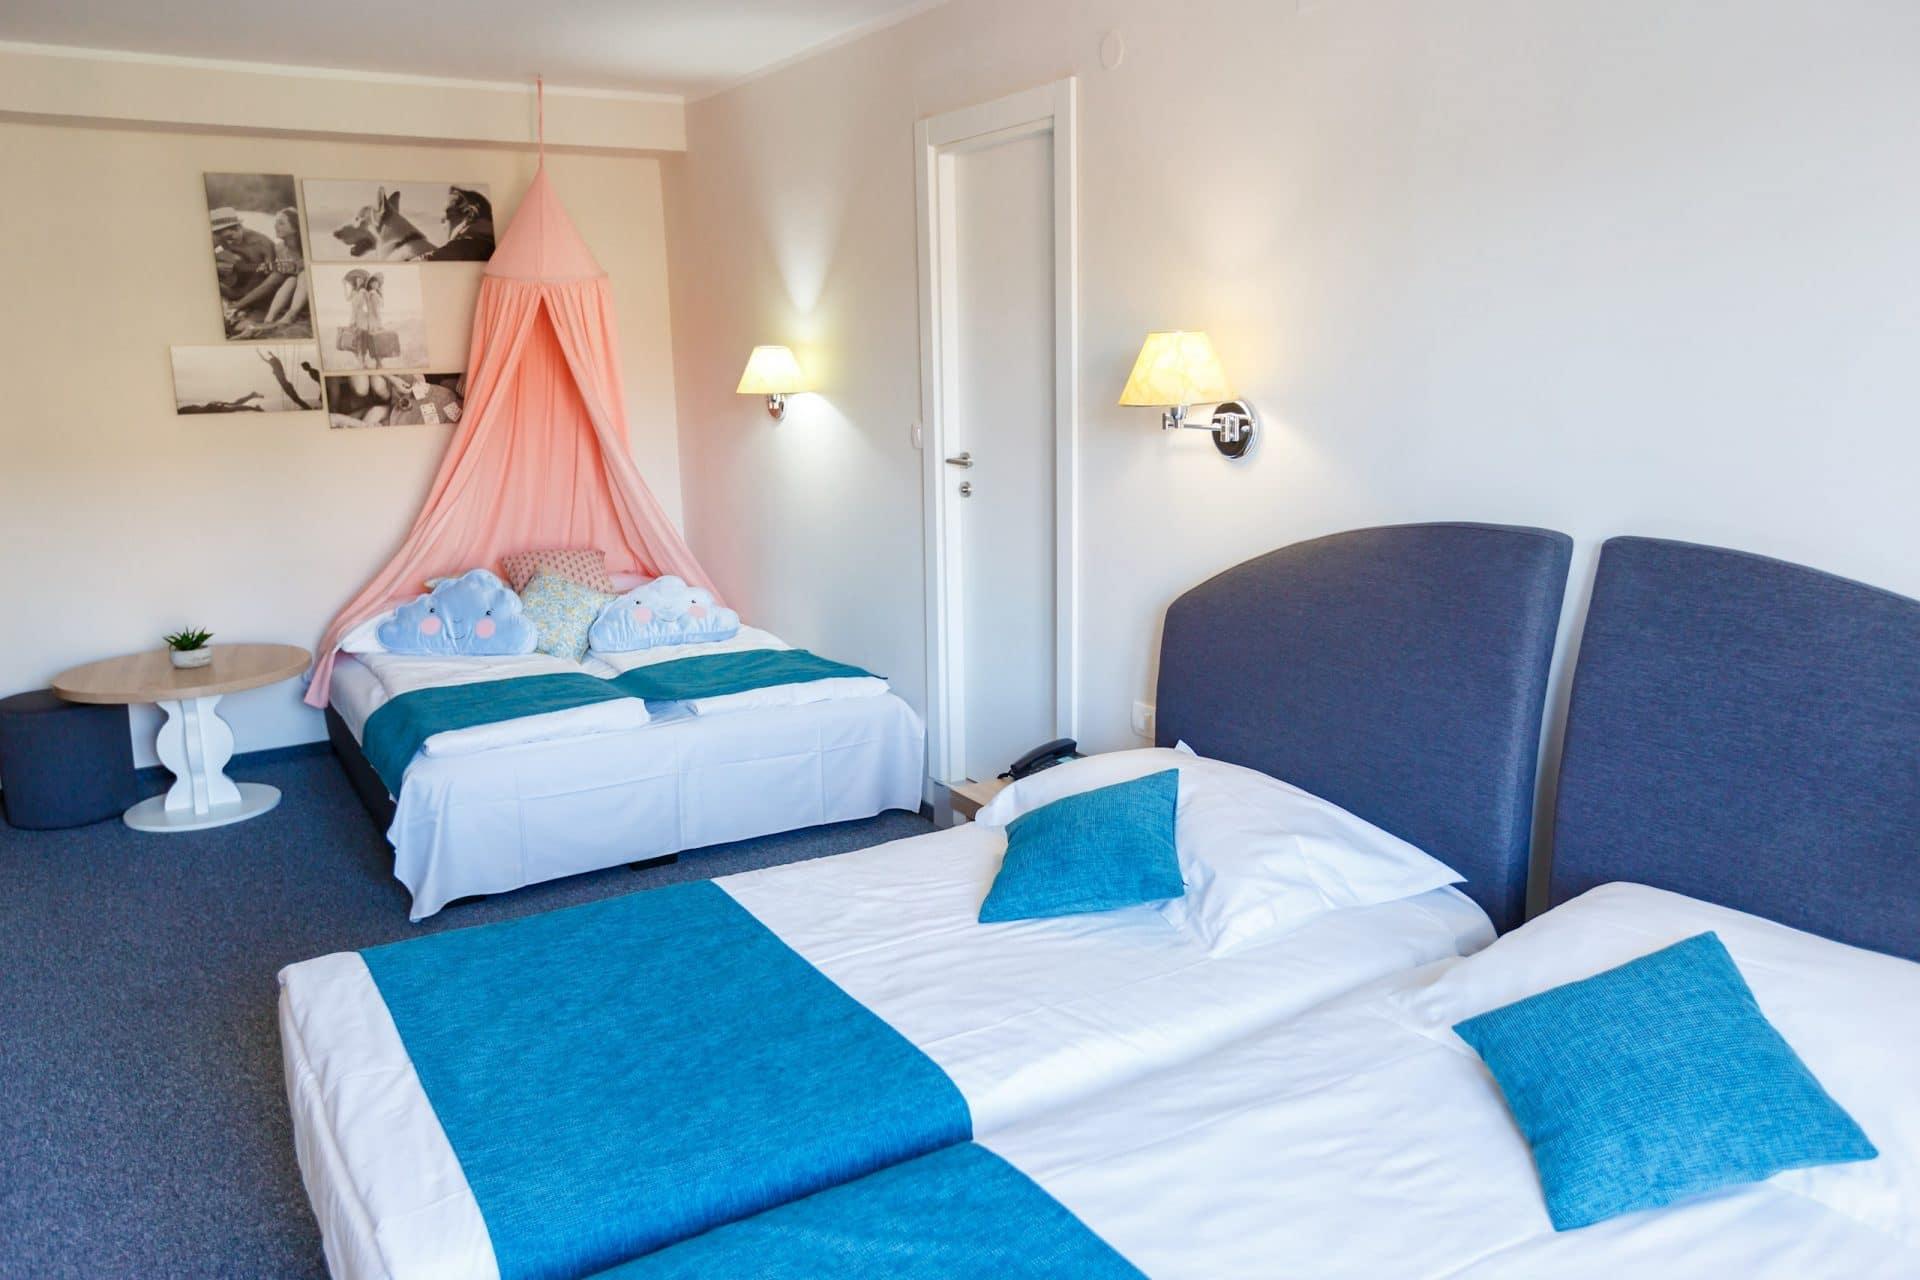 Hotel Mirna family room